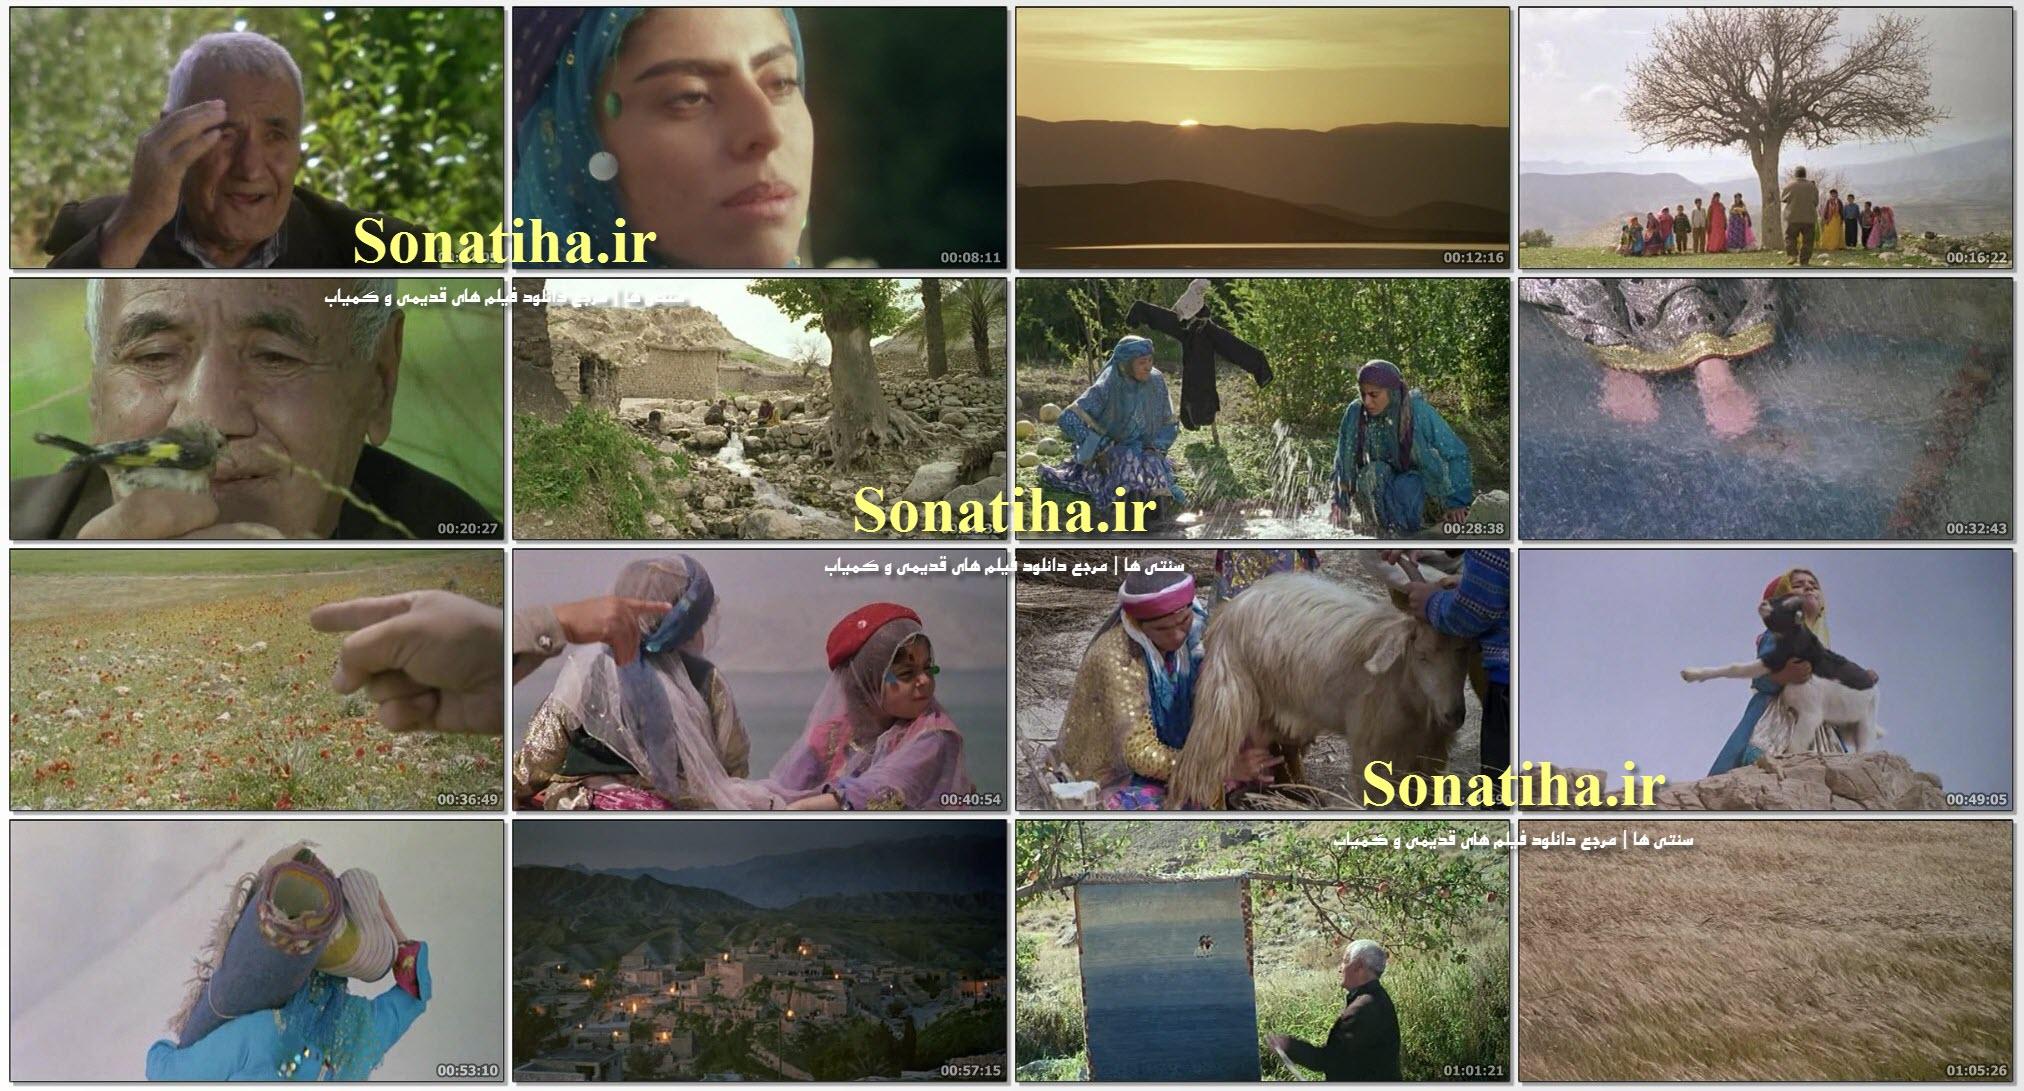 تصاویری از فیلم گبه